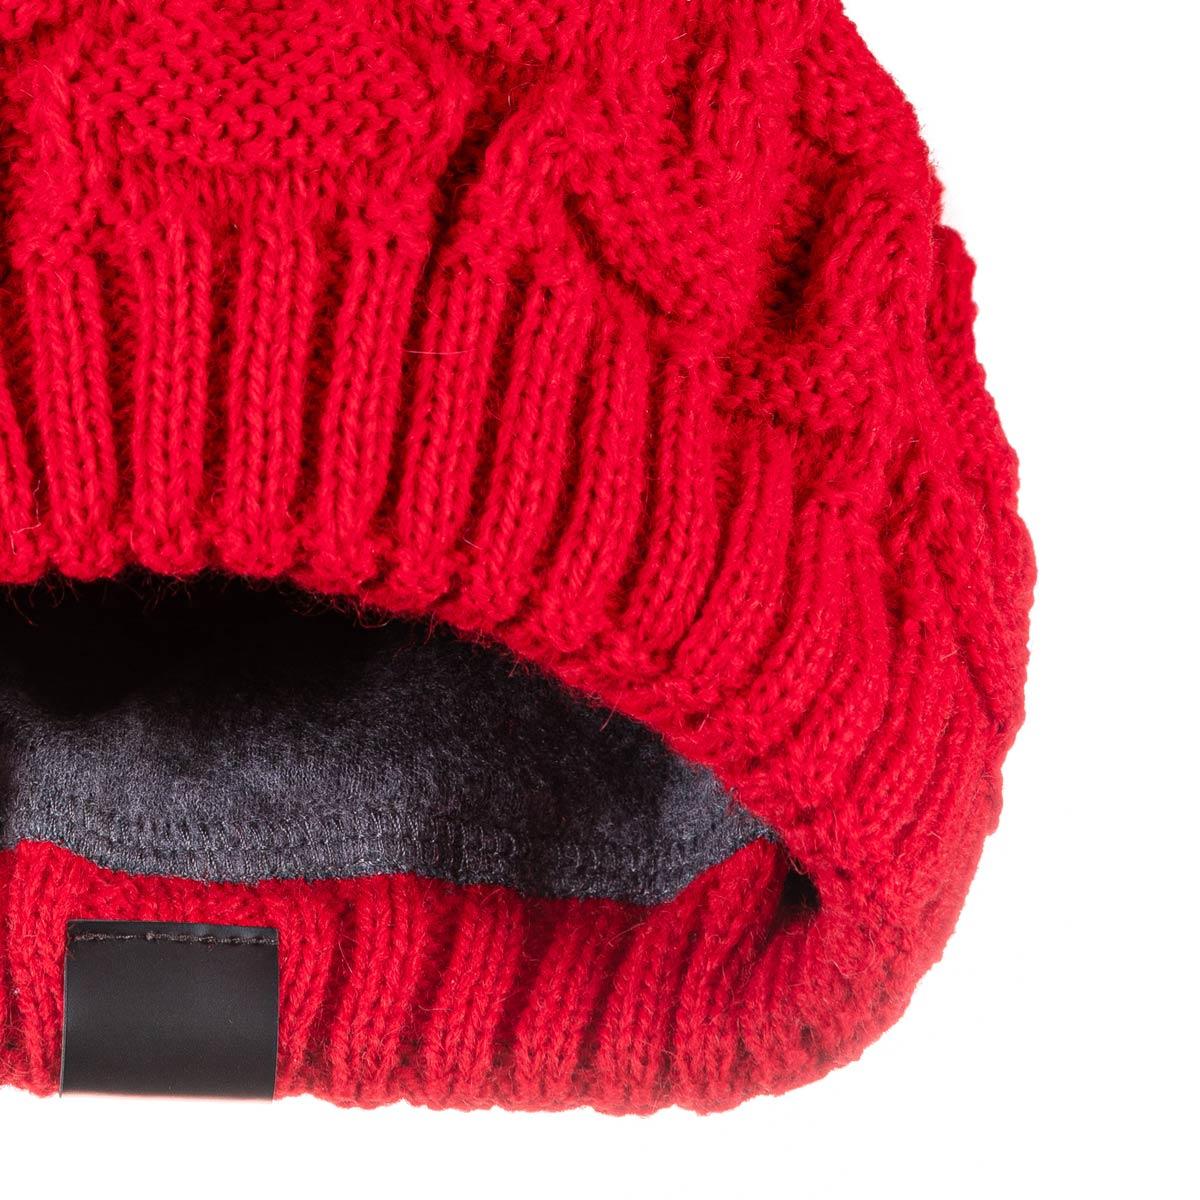 CP-01599-D12-bonnet-femme-rouge